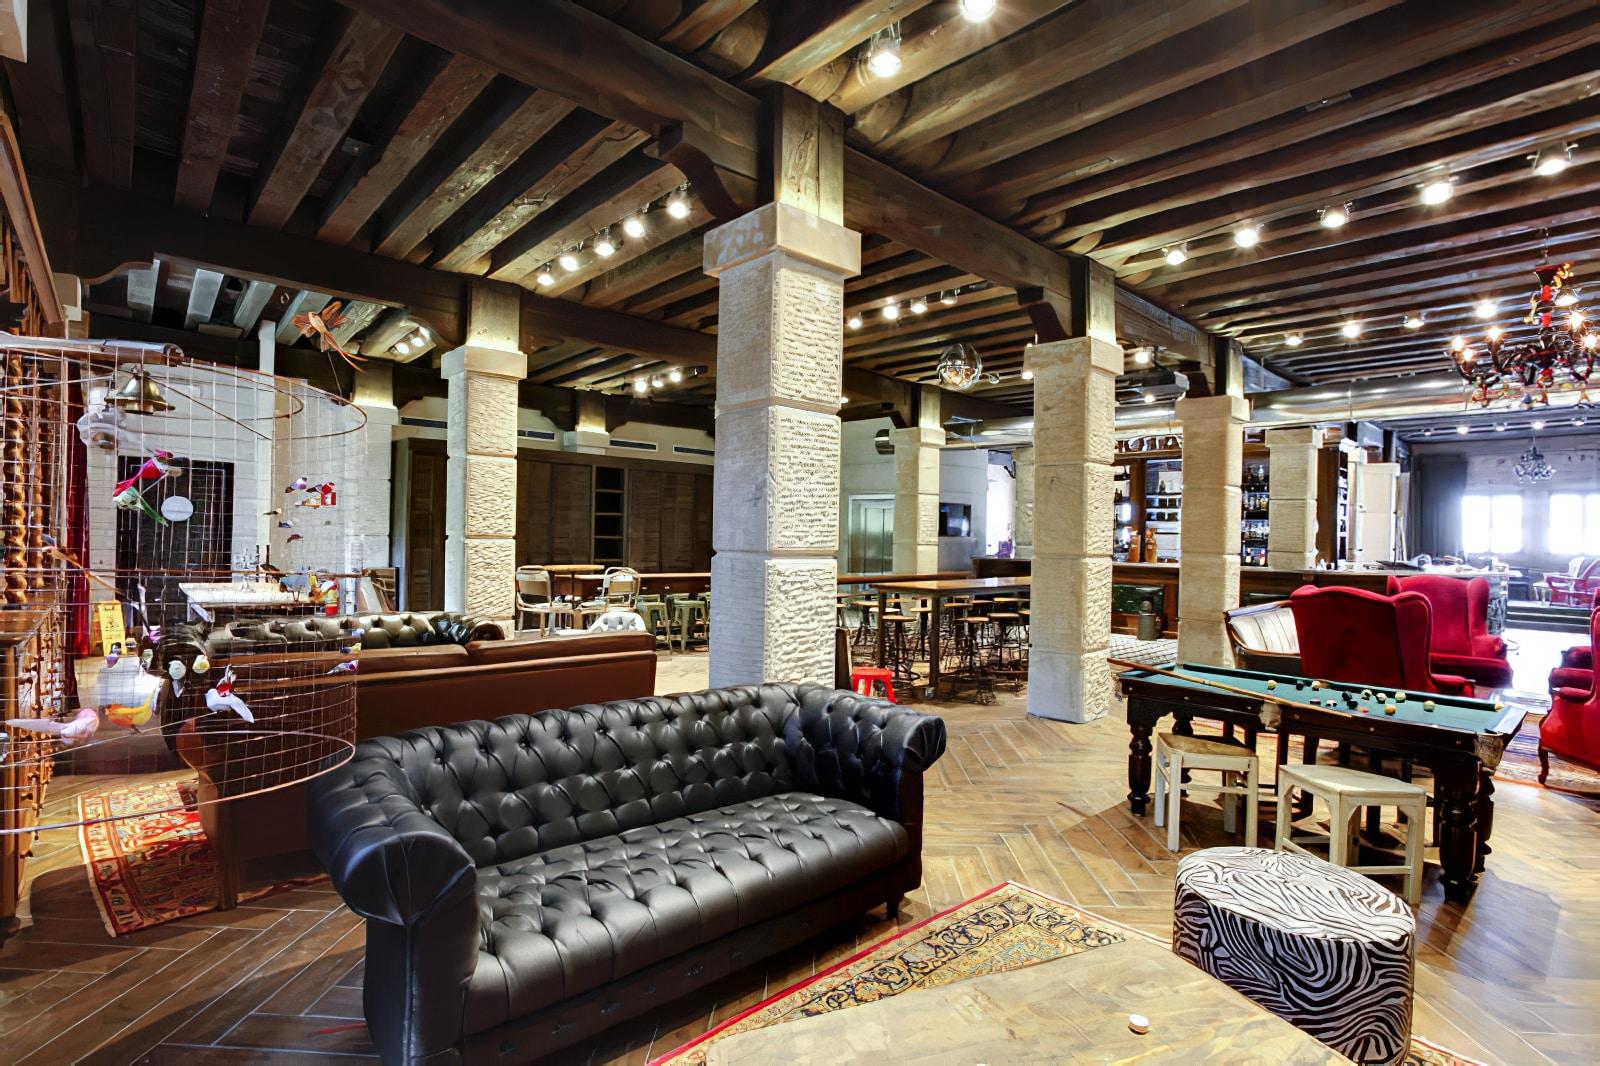 Bien Meilleure Auberge De Jeunesse Londres #8: Les 8 Meilleures Auberges De Jeunesse à Venise Où Loger Pas Cher